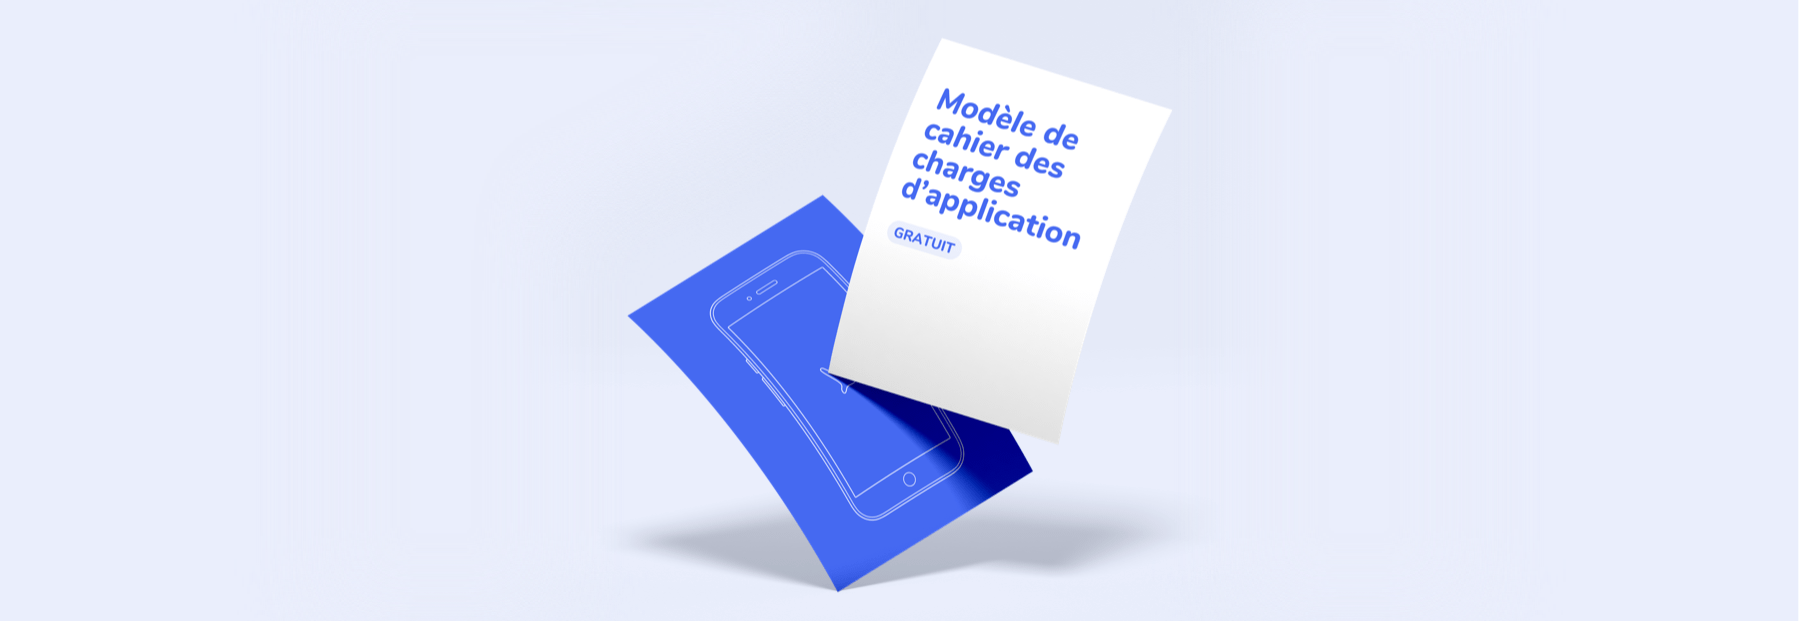 Modèle de cahier des charges d'application - Mobizel